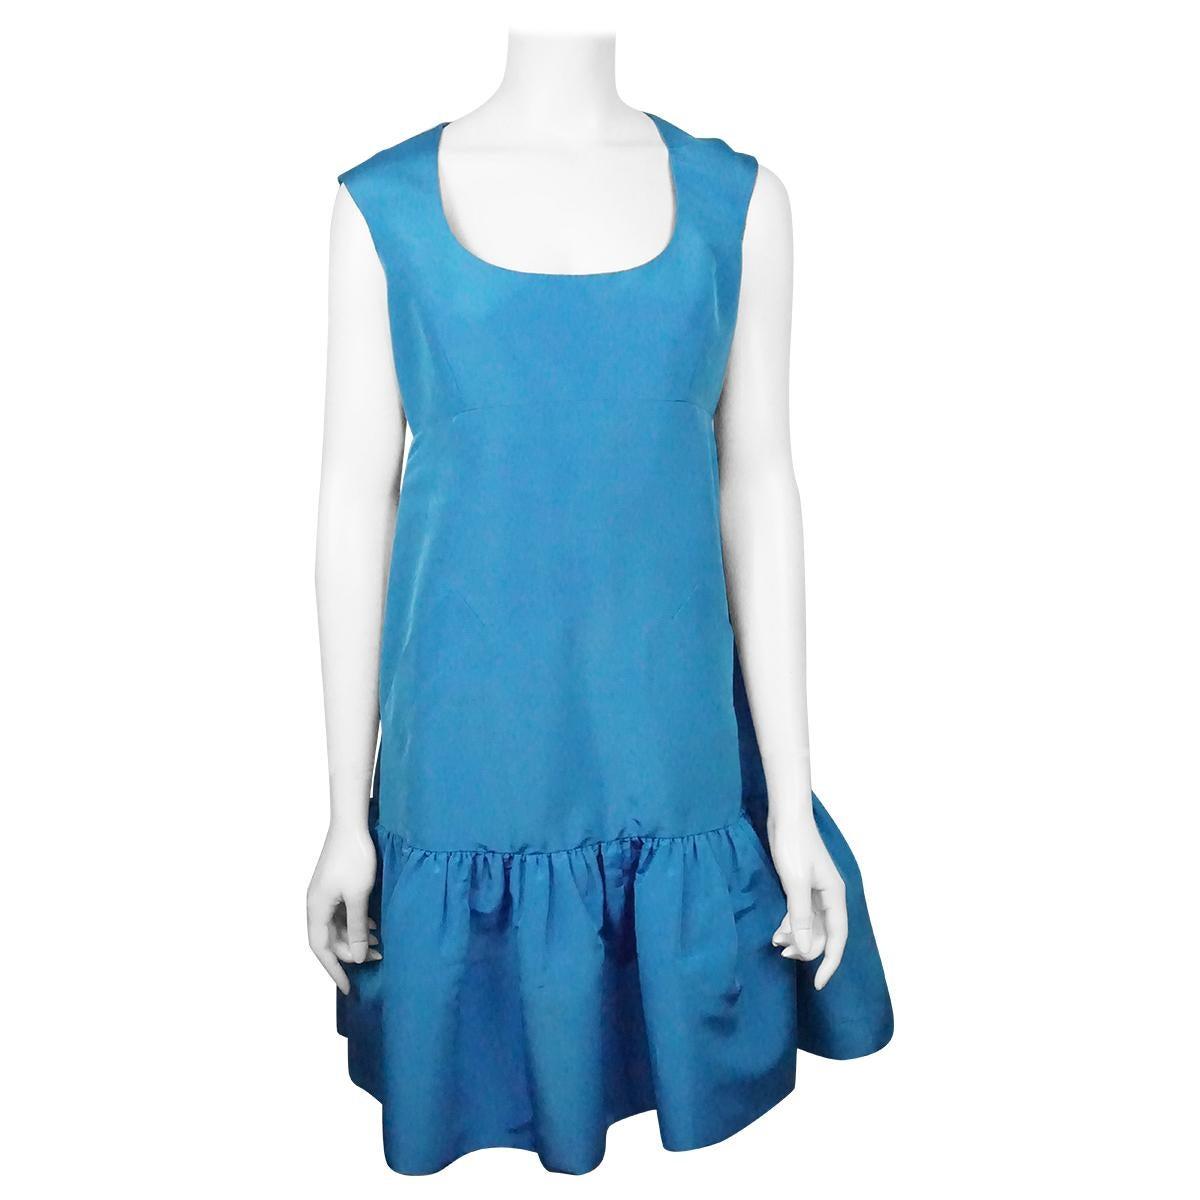 Oscar De La Renta Blue W/ Ruffle Bottom Dress - 8